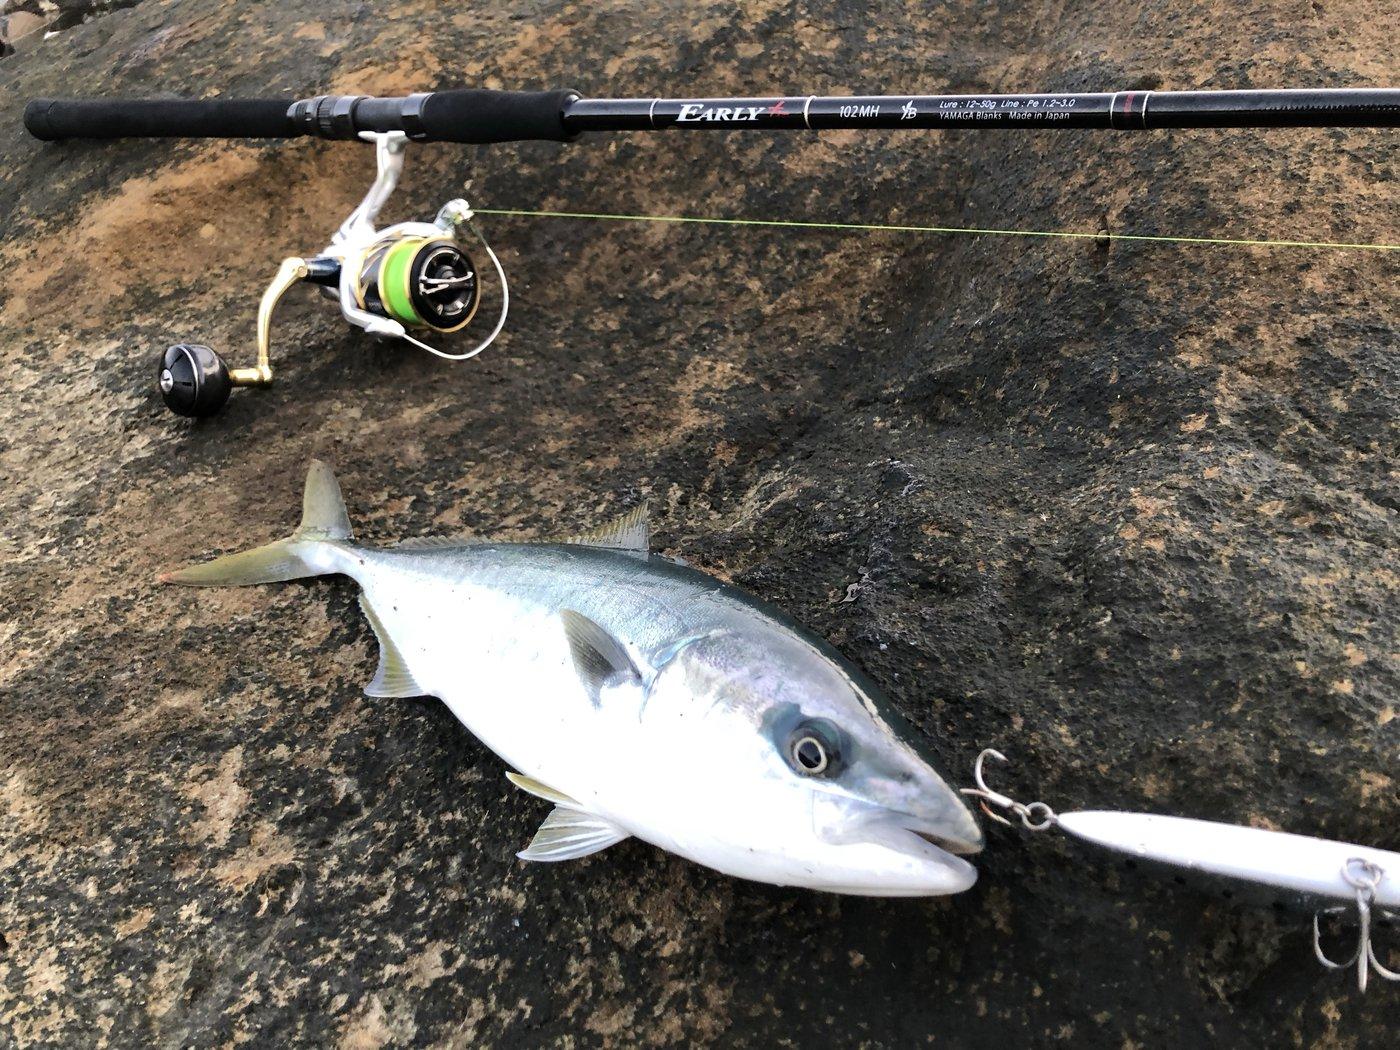 釣人Aさんの投稿画像